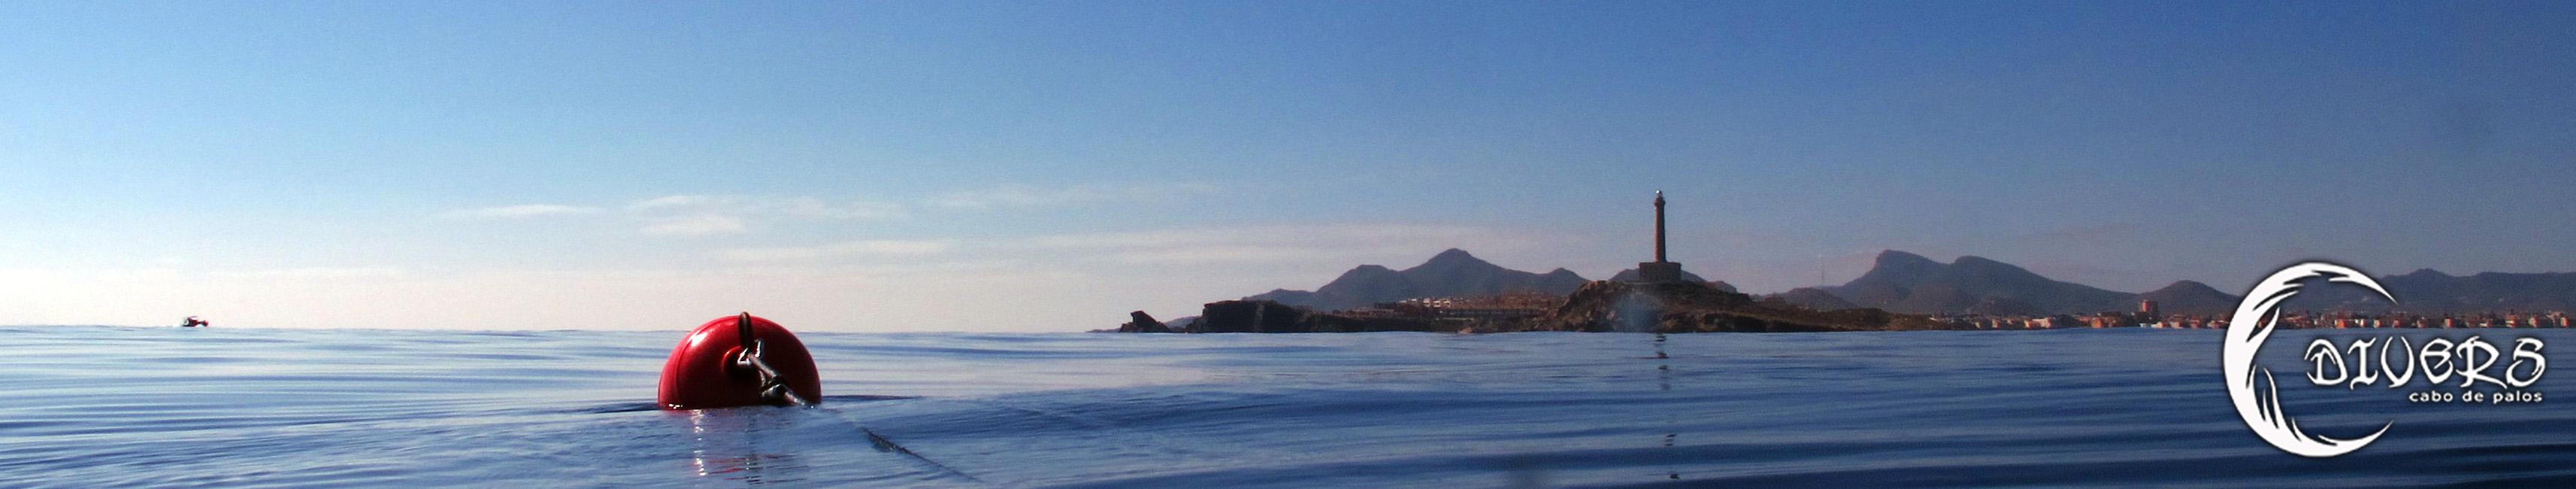 Cabo de Palos desde Piles 2